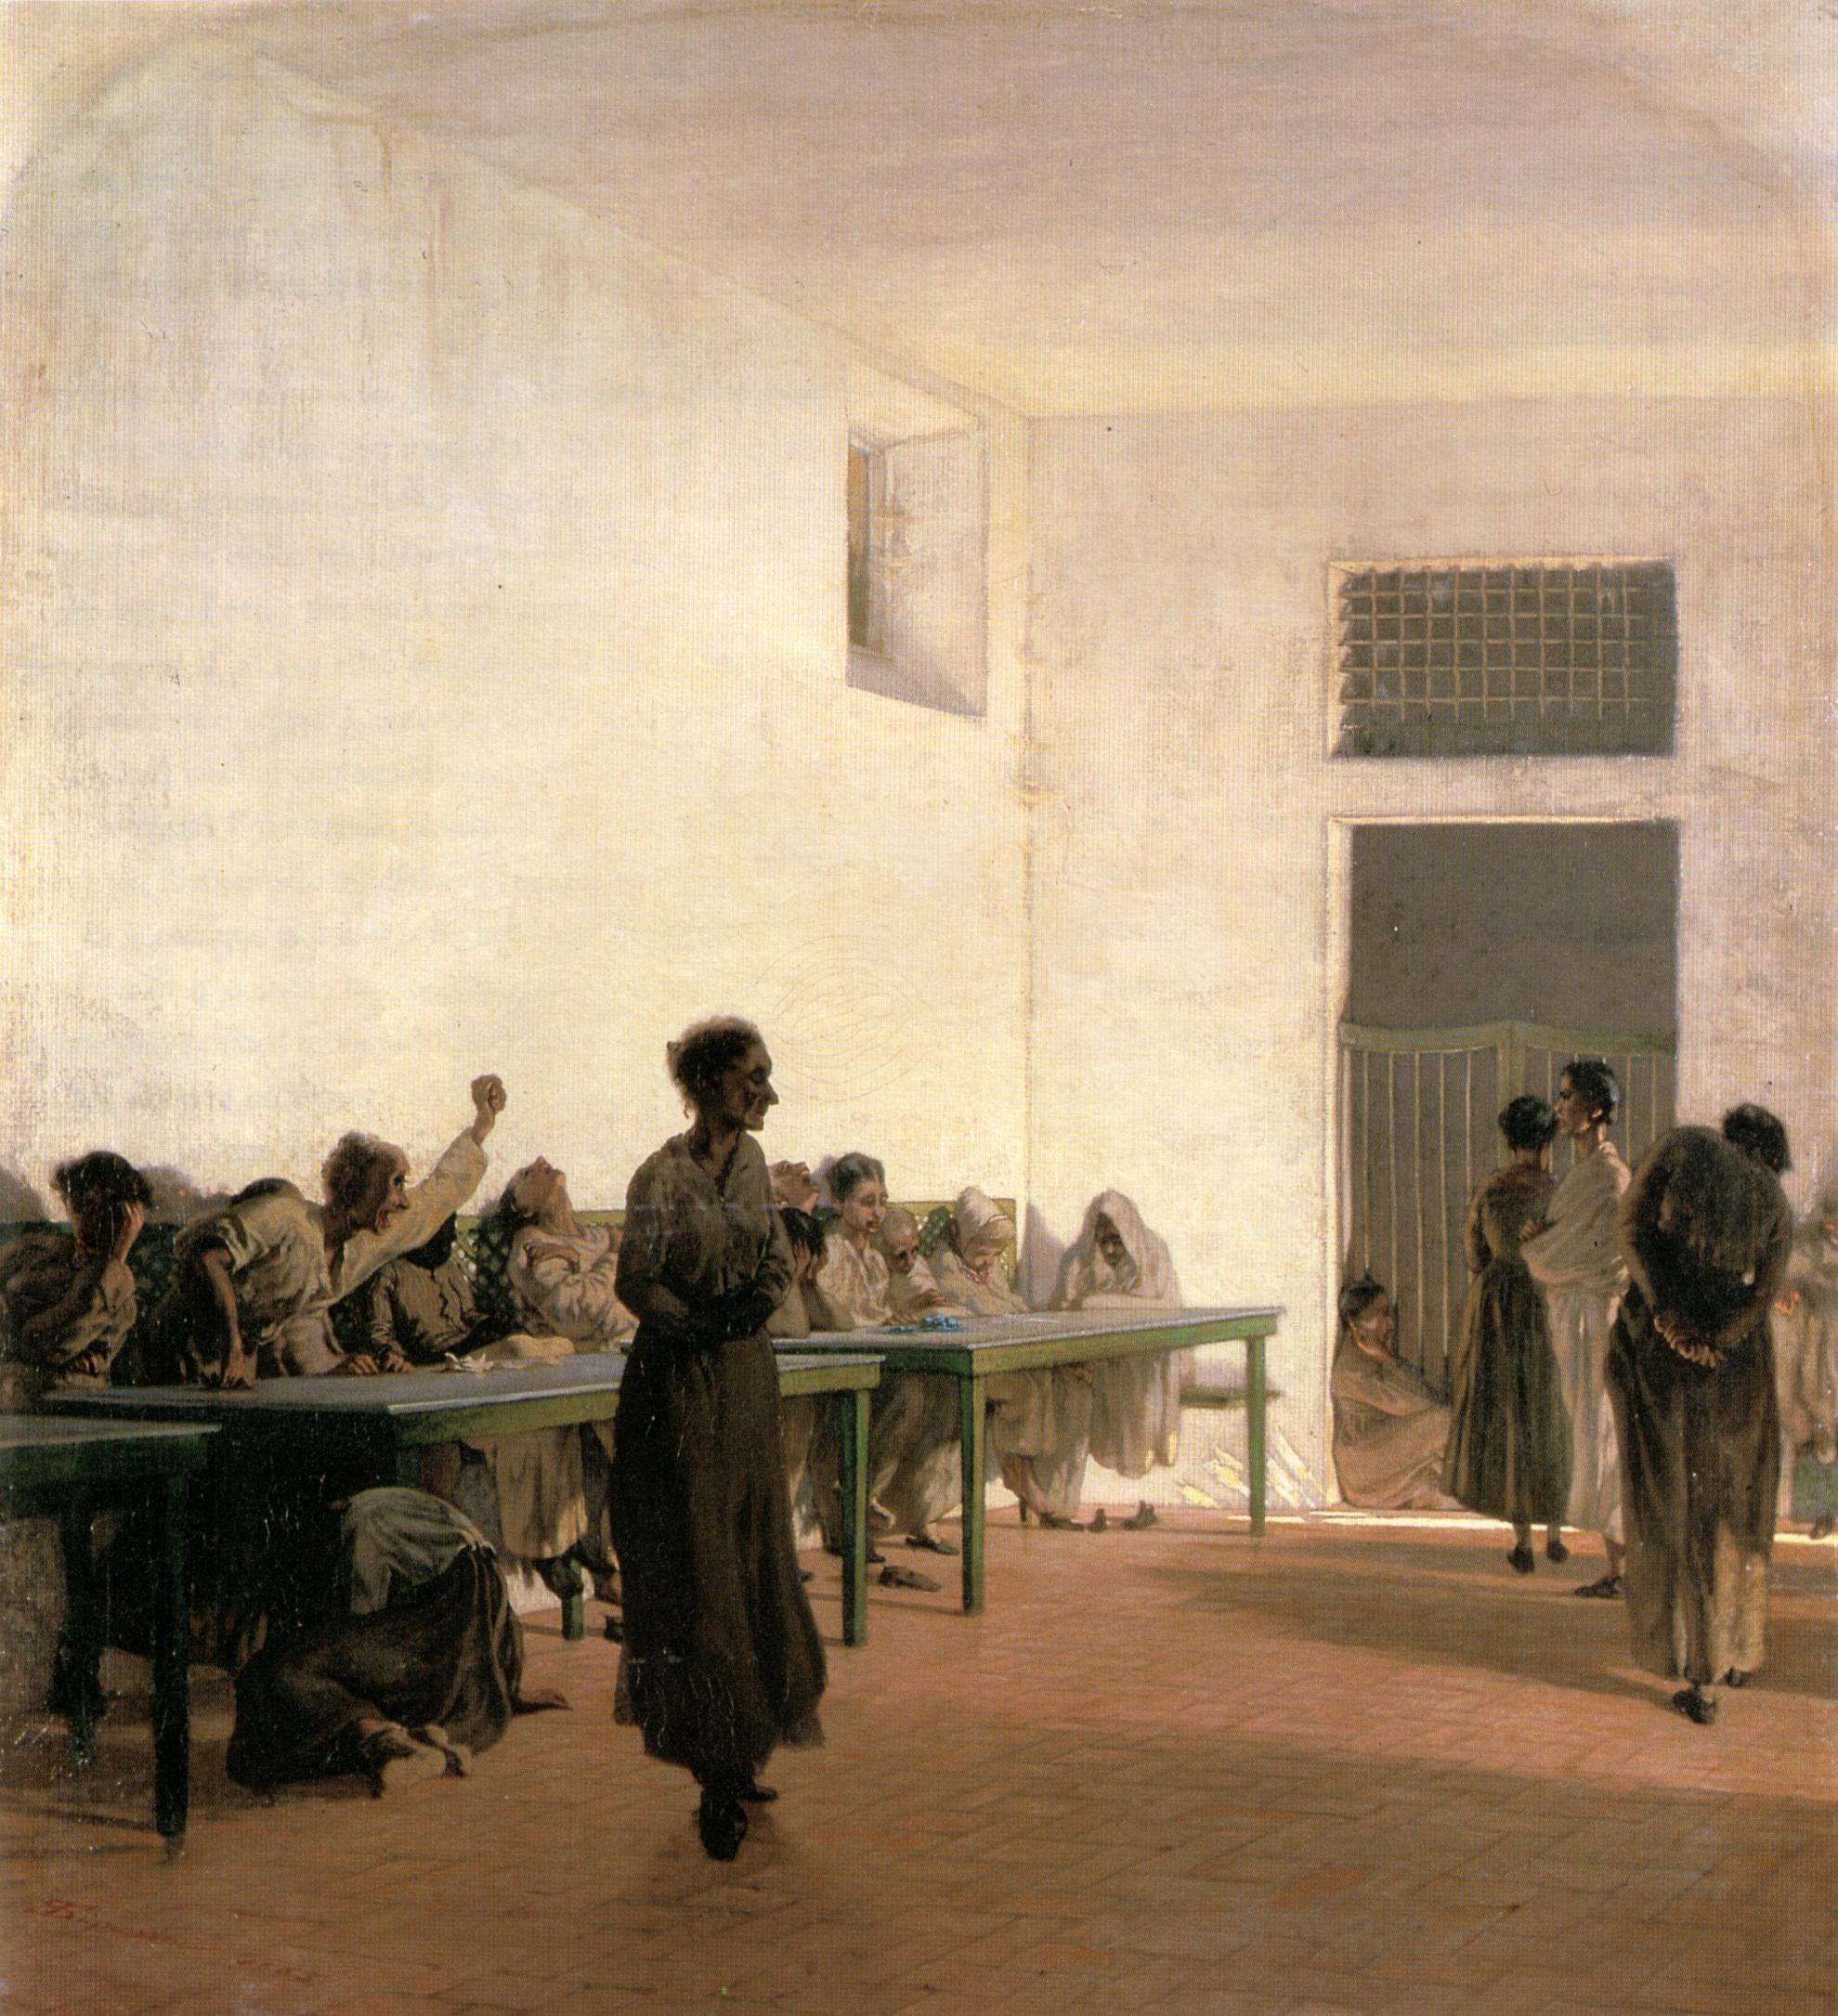 Telemaco_Signorini,_La_sala_delle_agitate_al_San_Bonifazio_in_Firenze,_1865,_66x59cm